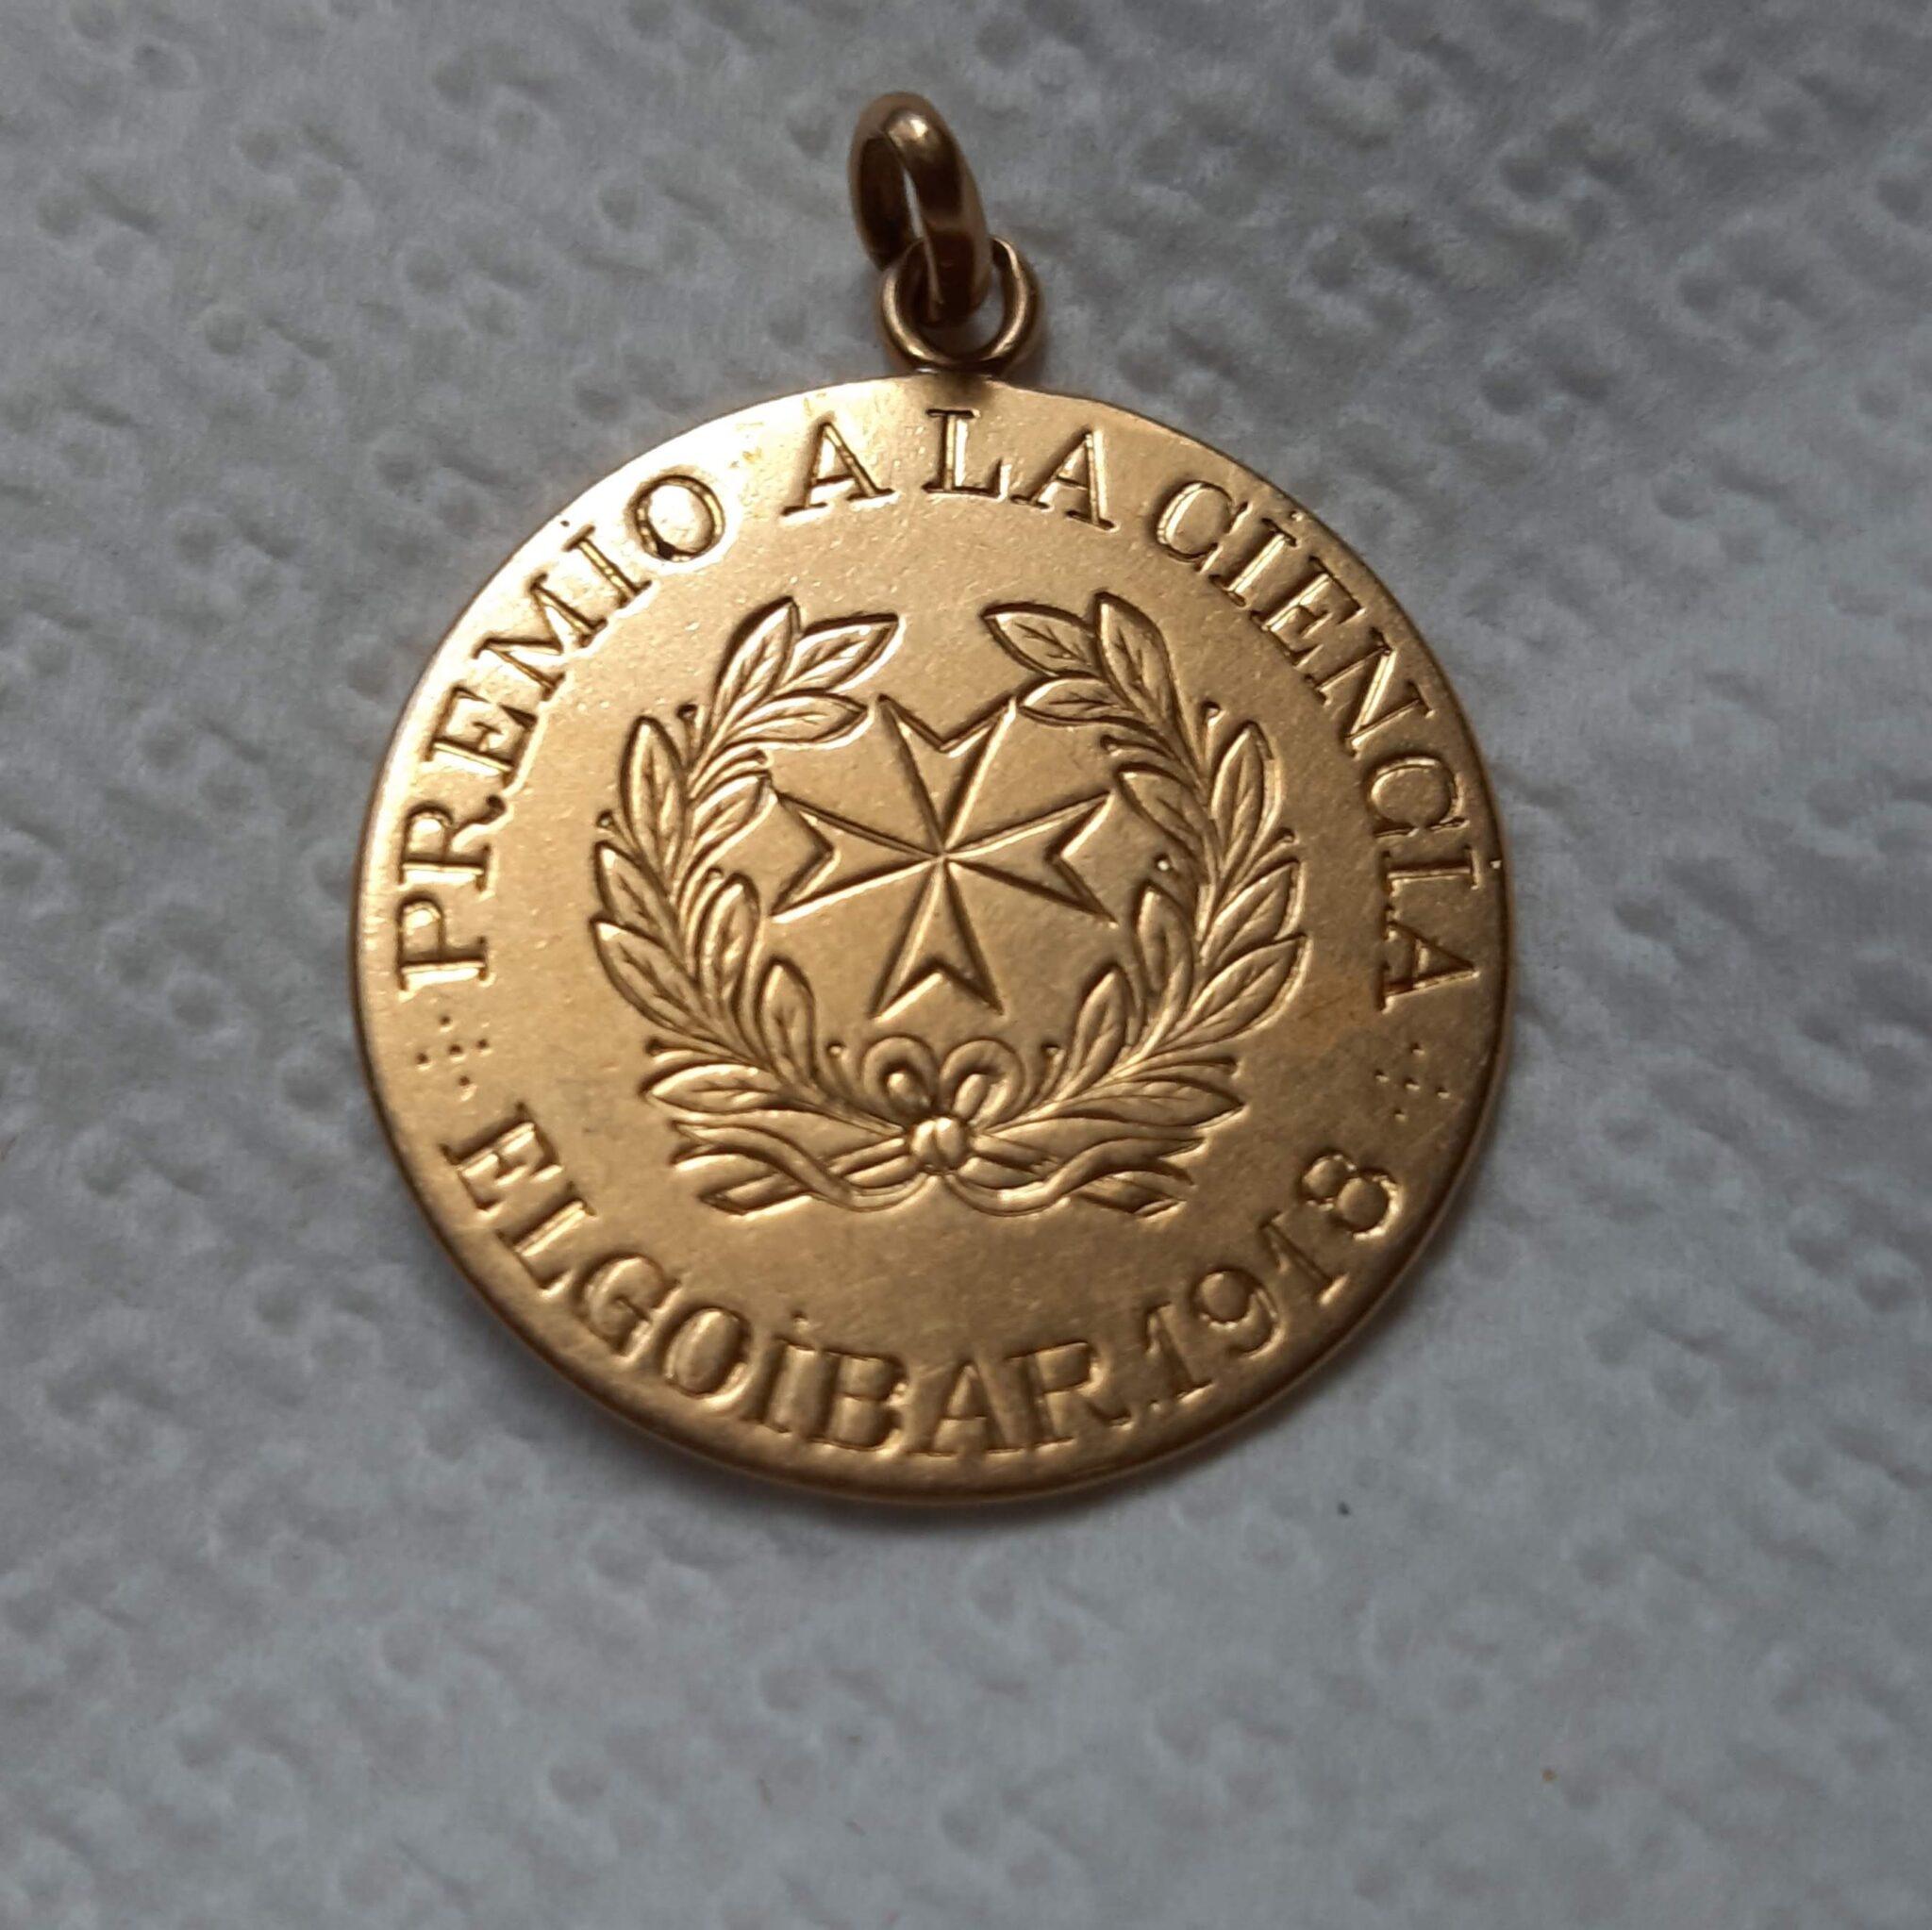 Medalla cara 1 scaled - El médico que se ganó el corazón de Elgoibar durante la gripe española